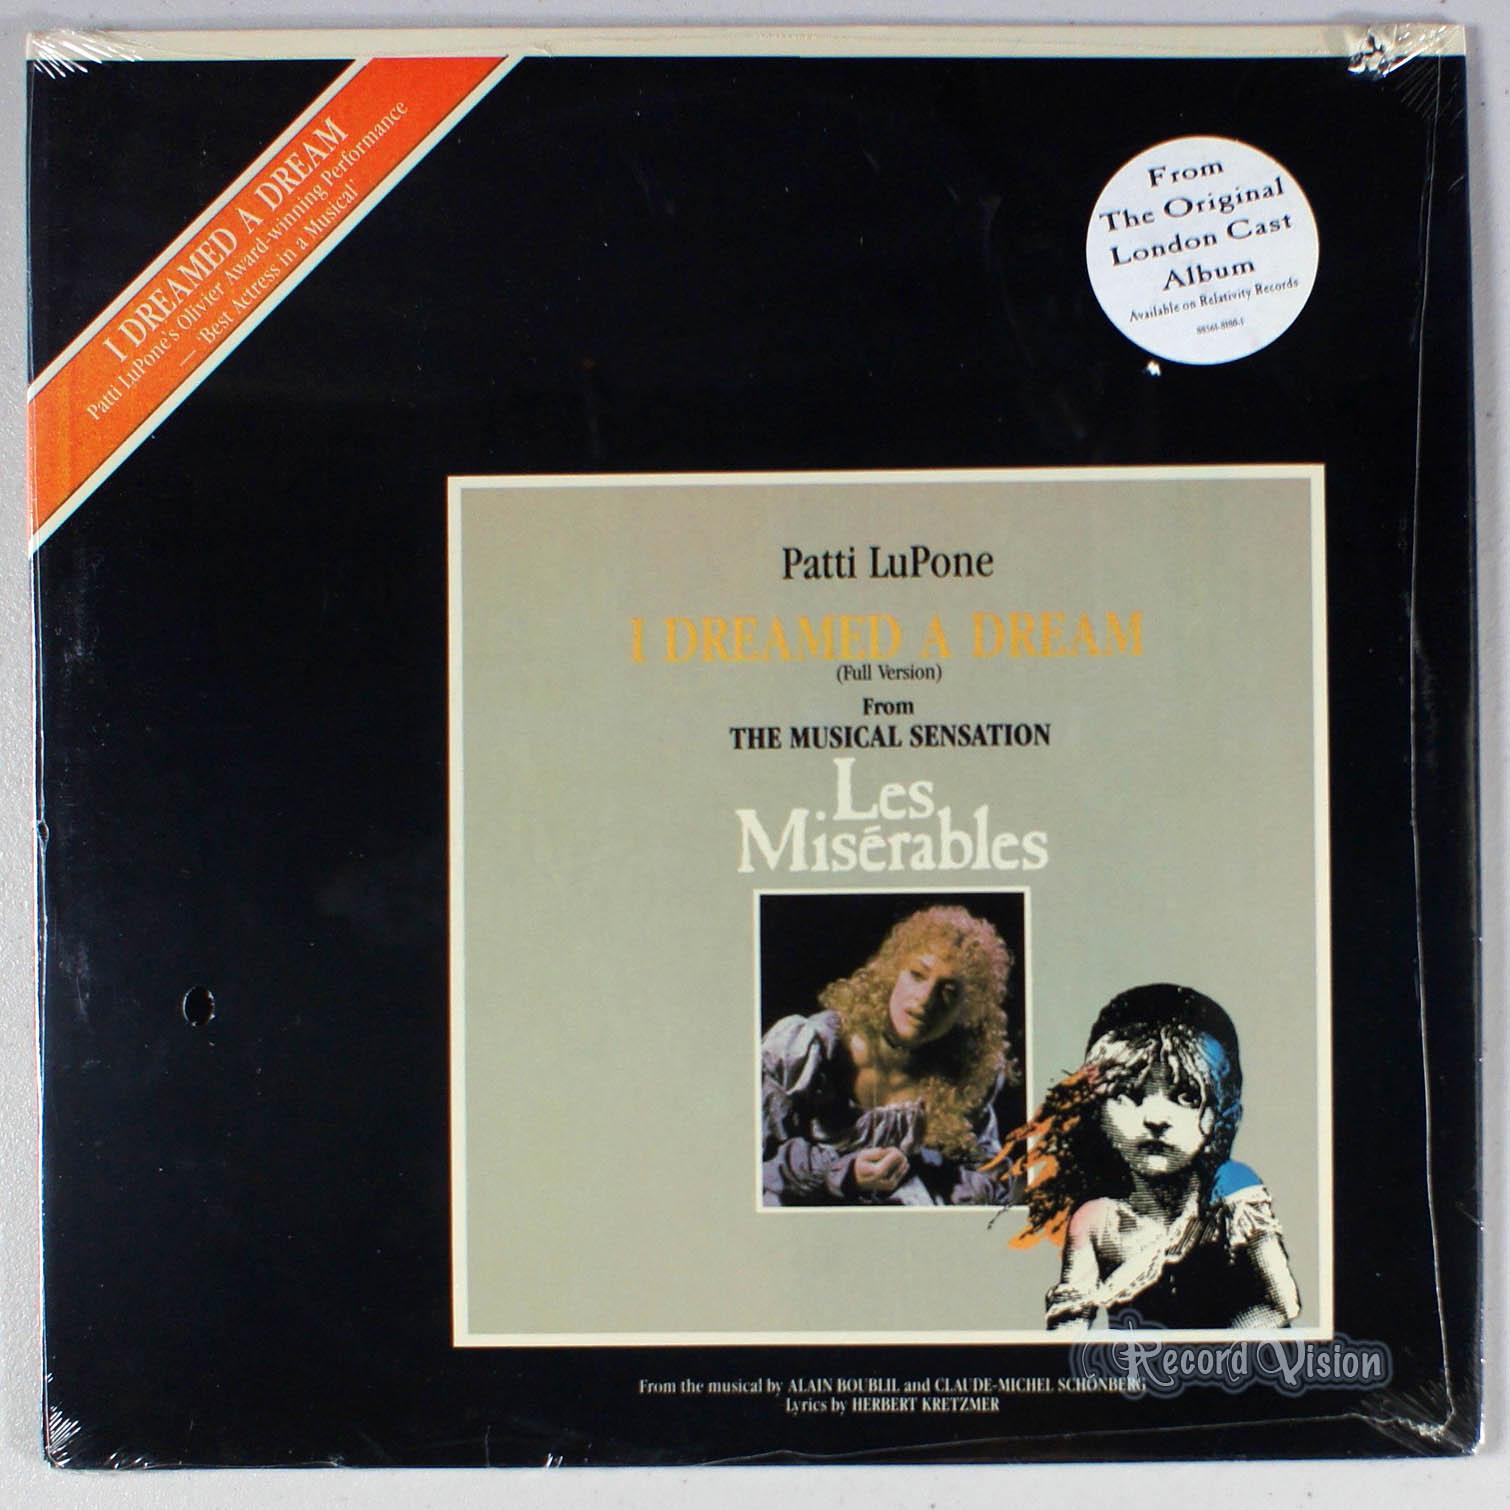 PATTI LUPONE - I Dreamed a Dream - Maxi x 1